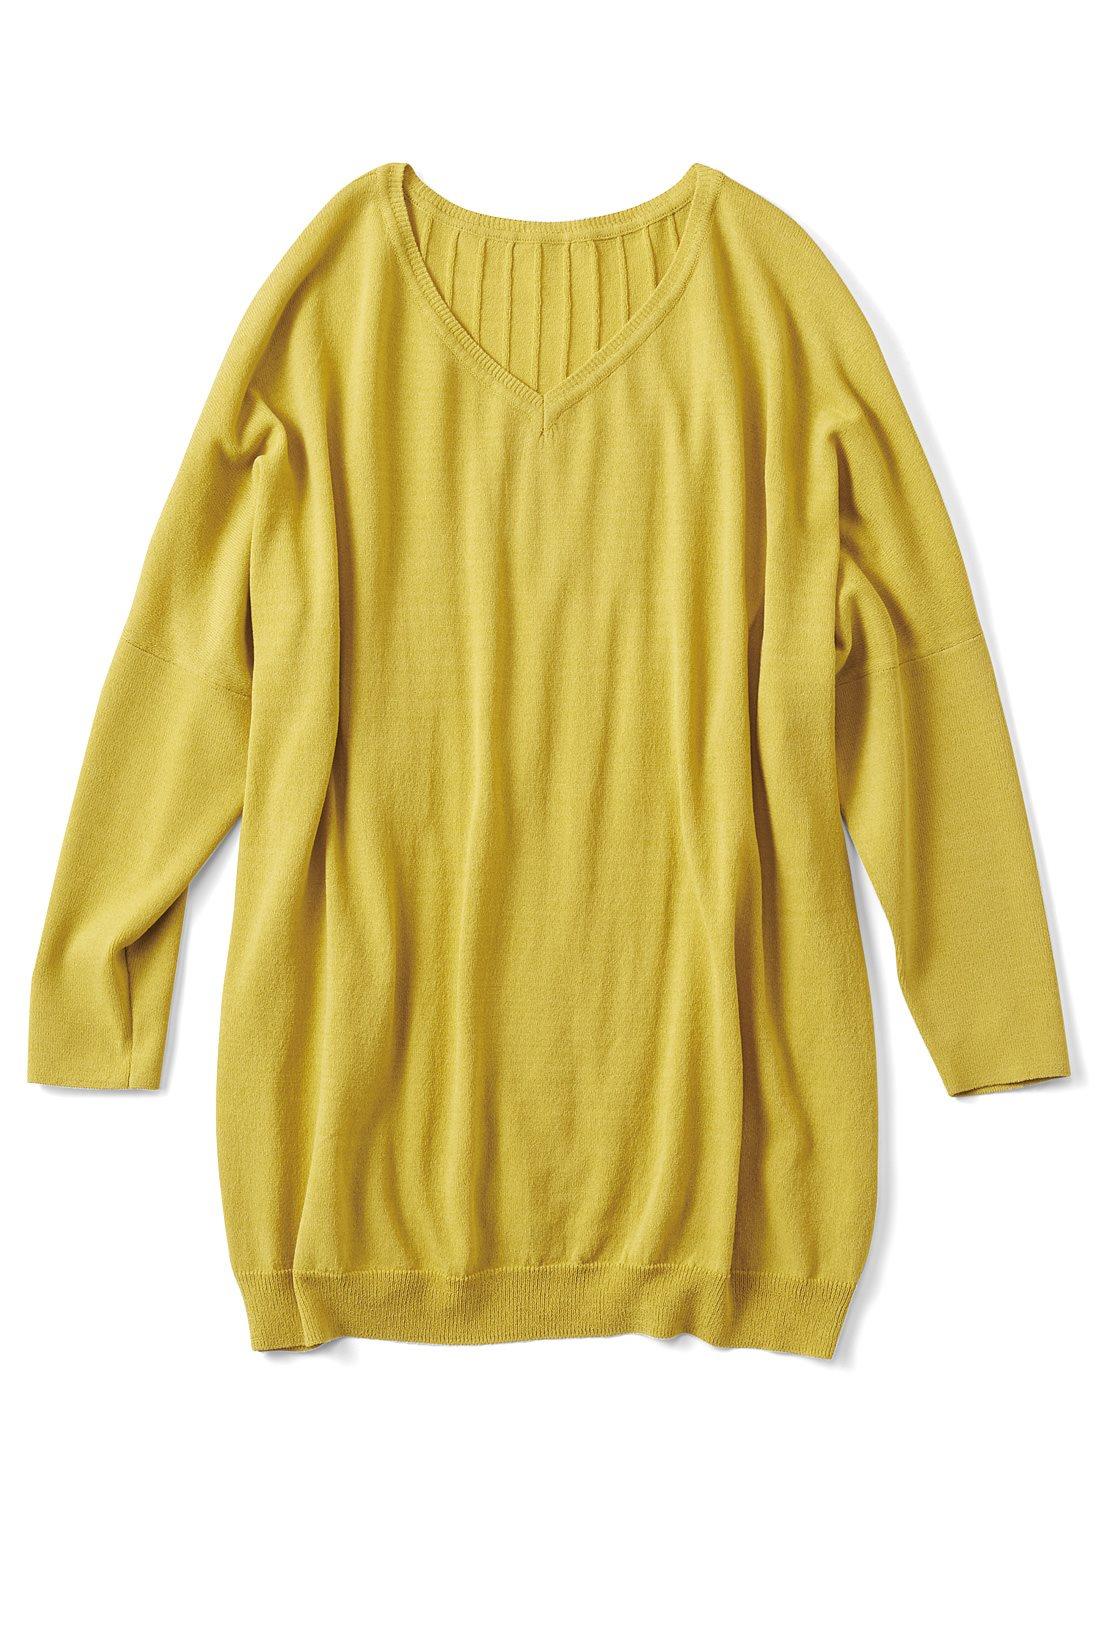 リブ イン コンフォート Tシャツ感覚で着られてきれい見えする さらシャリニットトップス〈ミモザイエロー〉